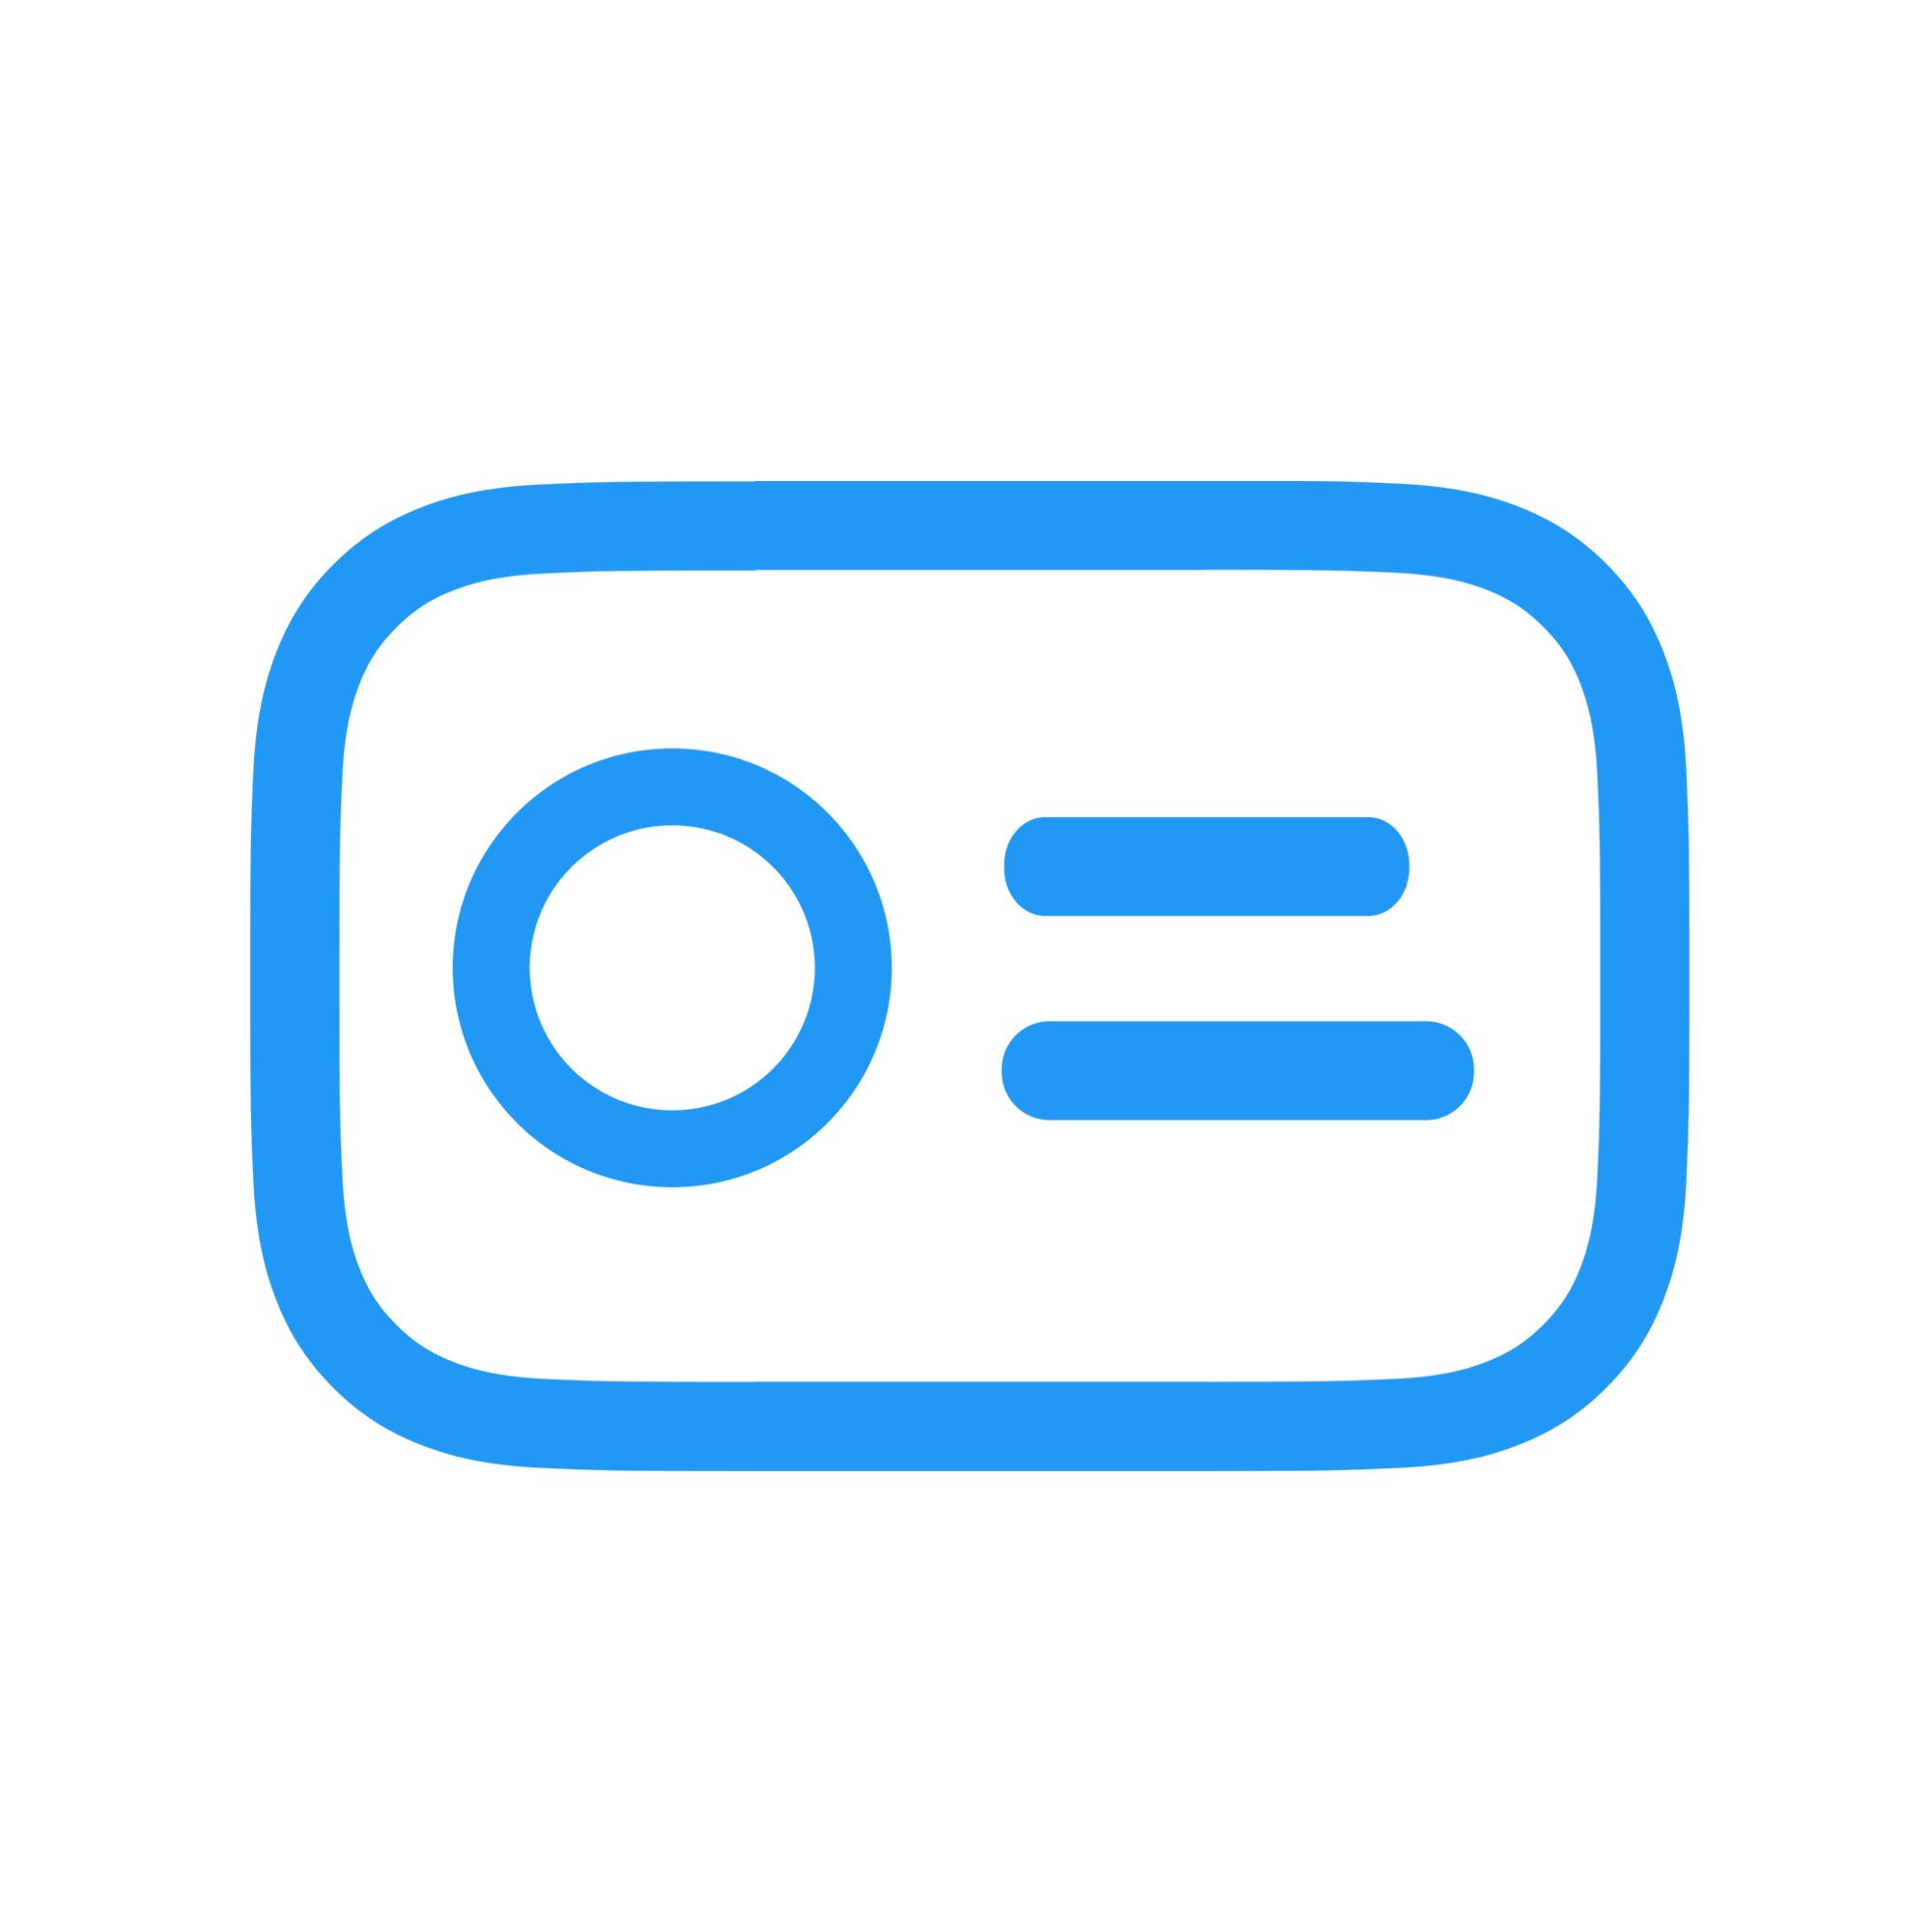 White and Blue Logo of LinkRick Logos, Social media